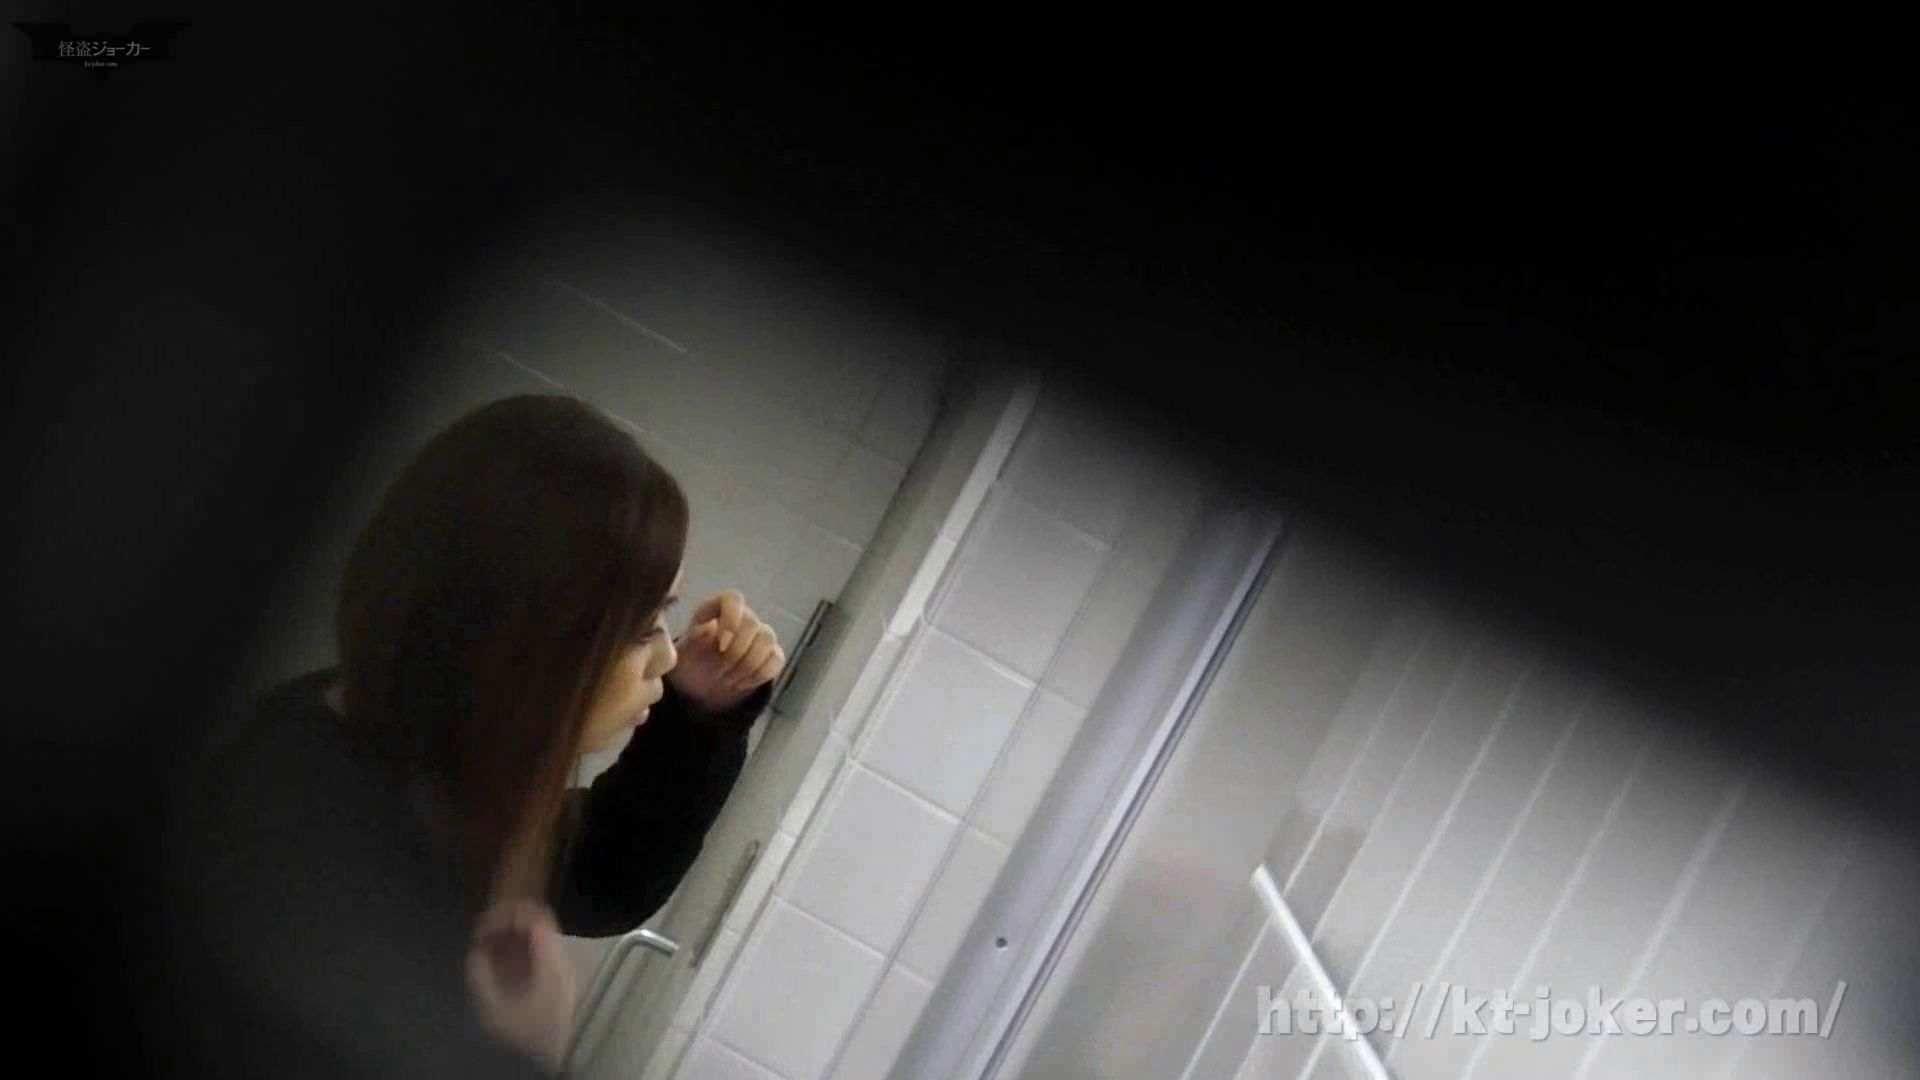 命がけ潜伏洗面所! vol.52 みなさんモリモリですね。 洗面所はめどり   プライベート  62画像 58